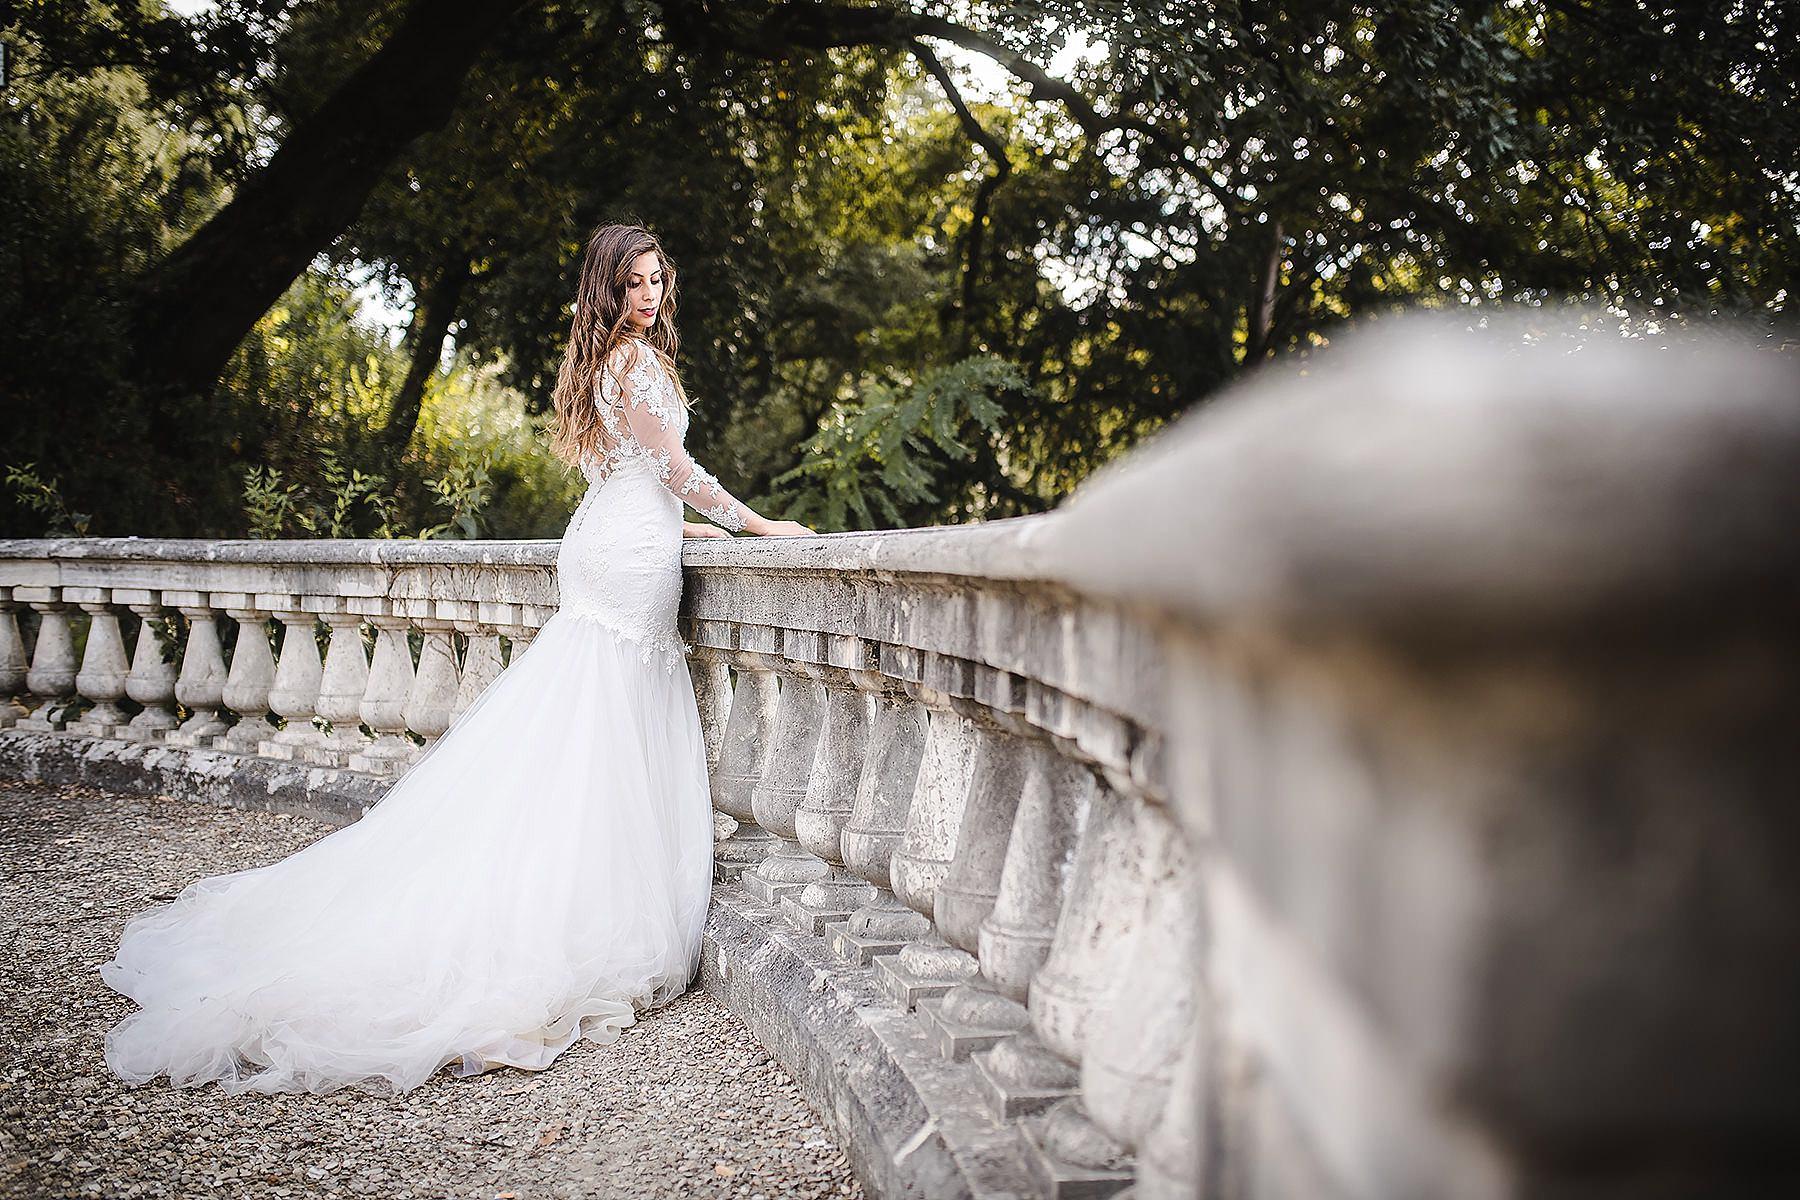 bellissimo vestito sposa fotografato a Firenze